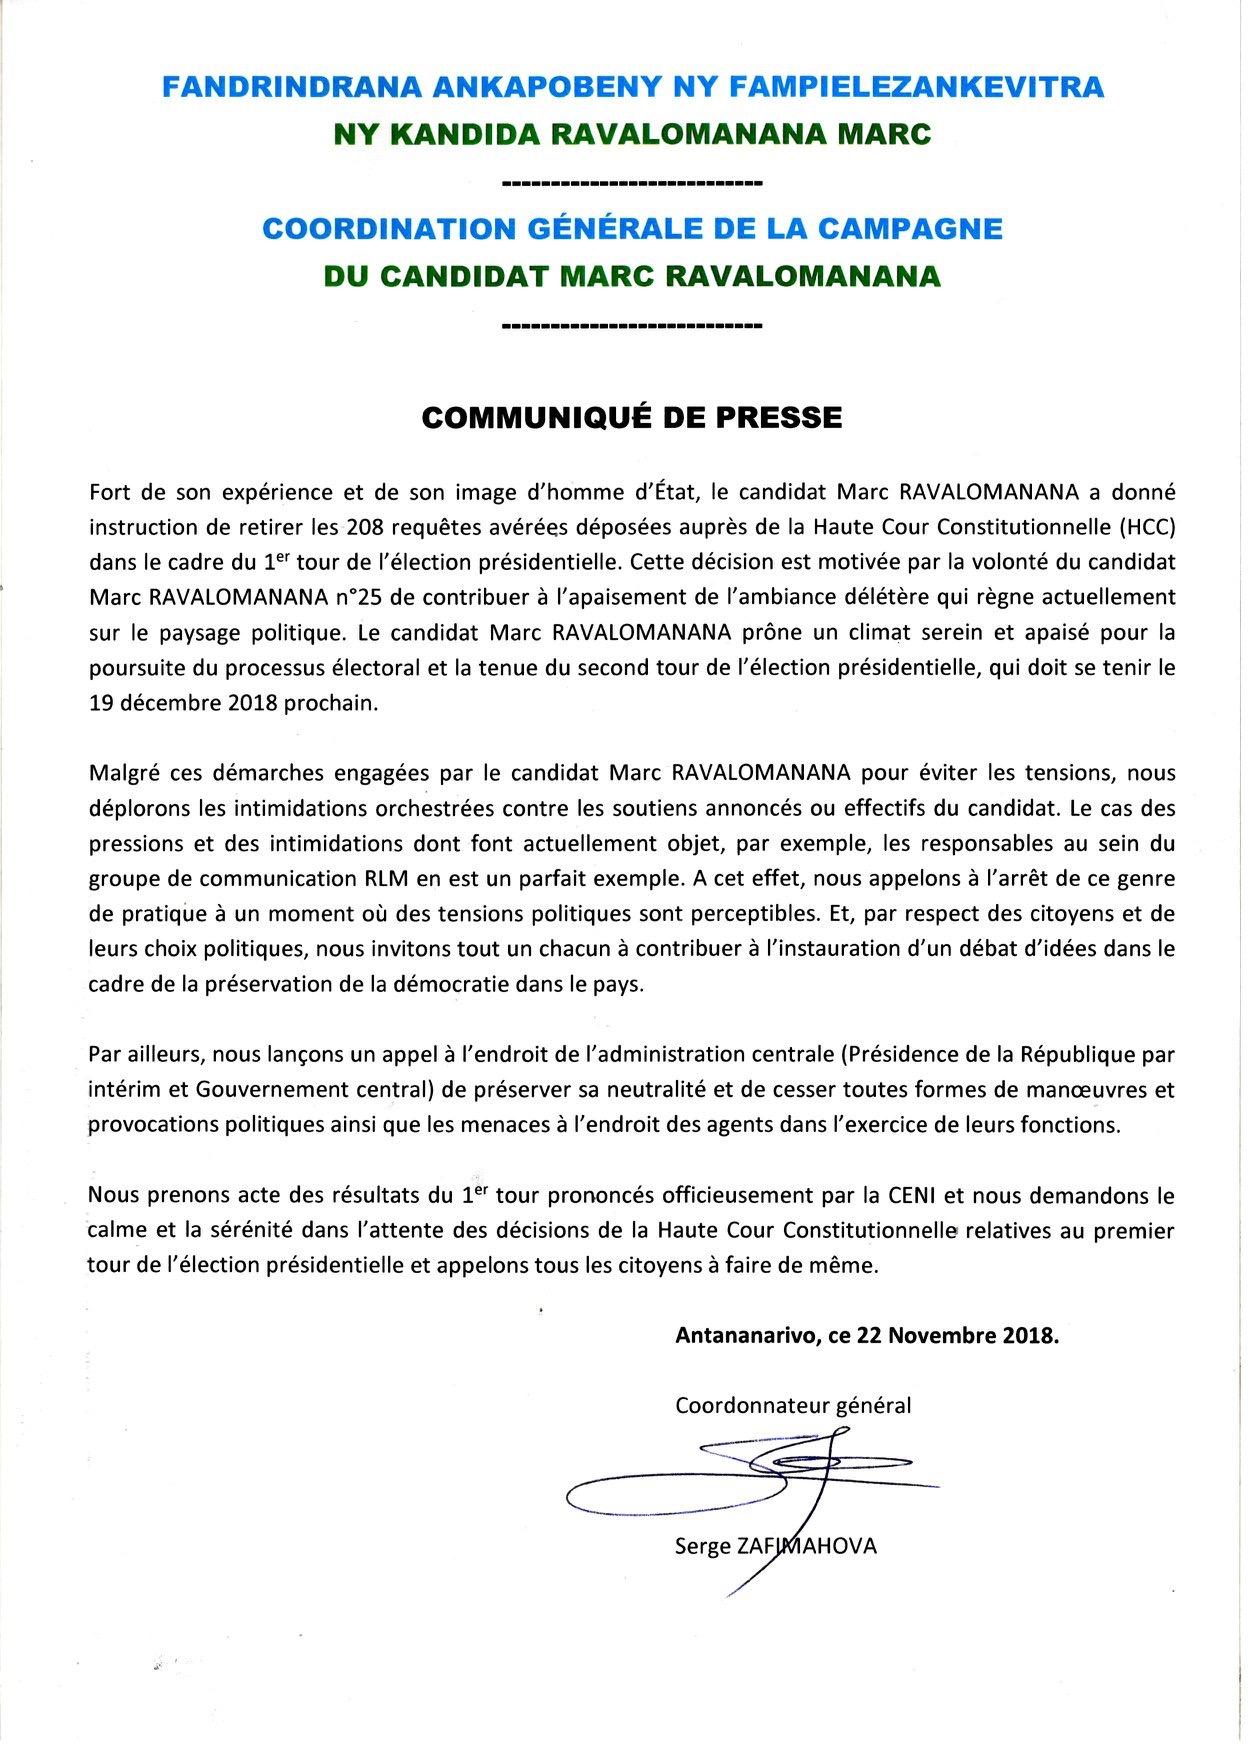 Communiqué - Coordination générale de la campagne du candidat Marc Ravalomamanana